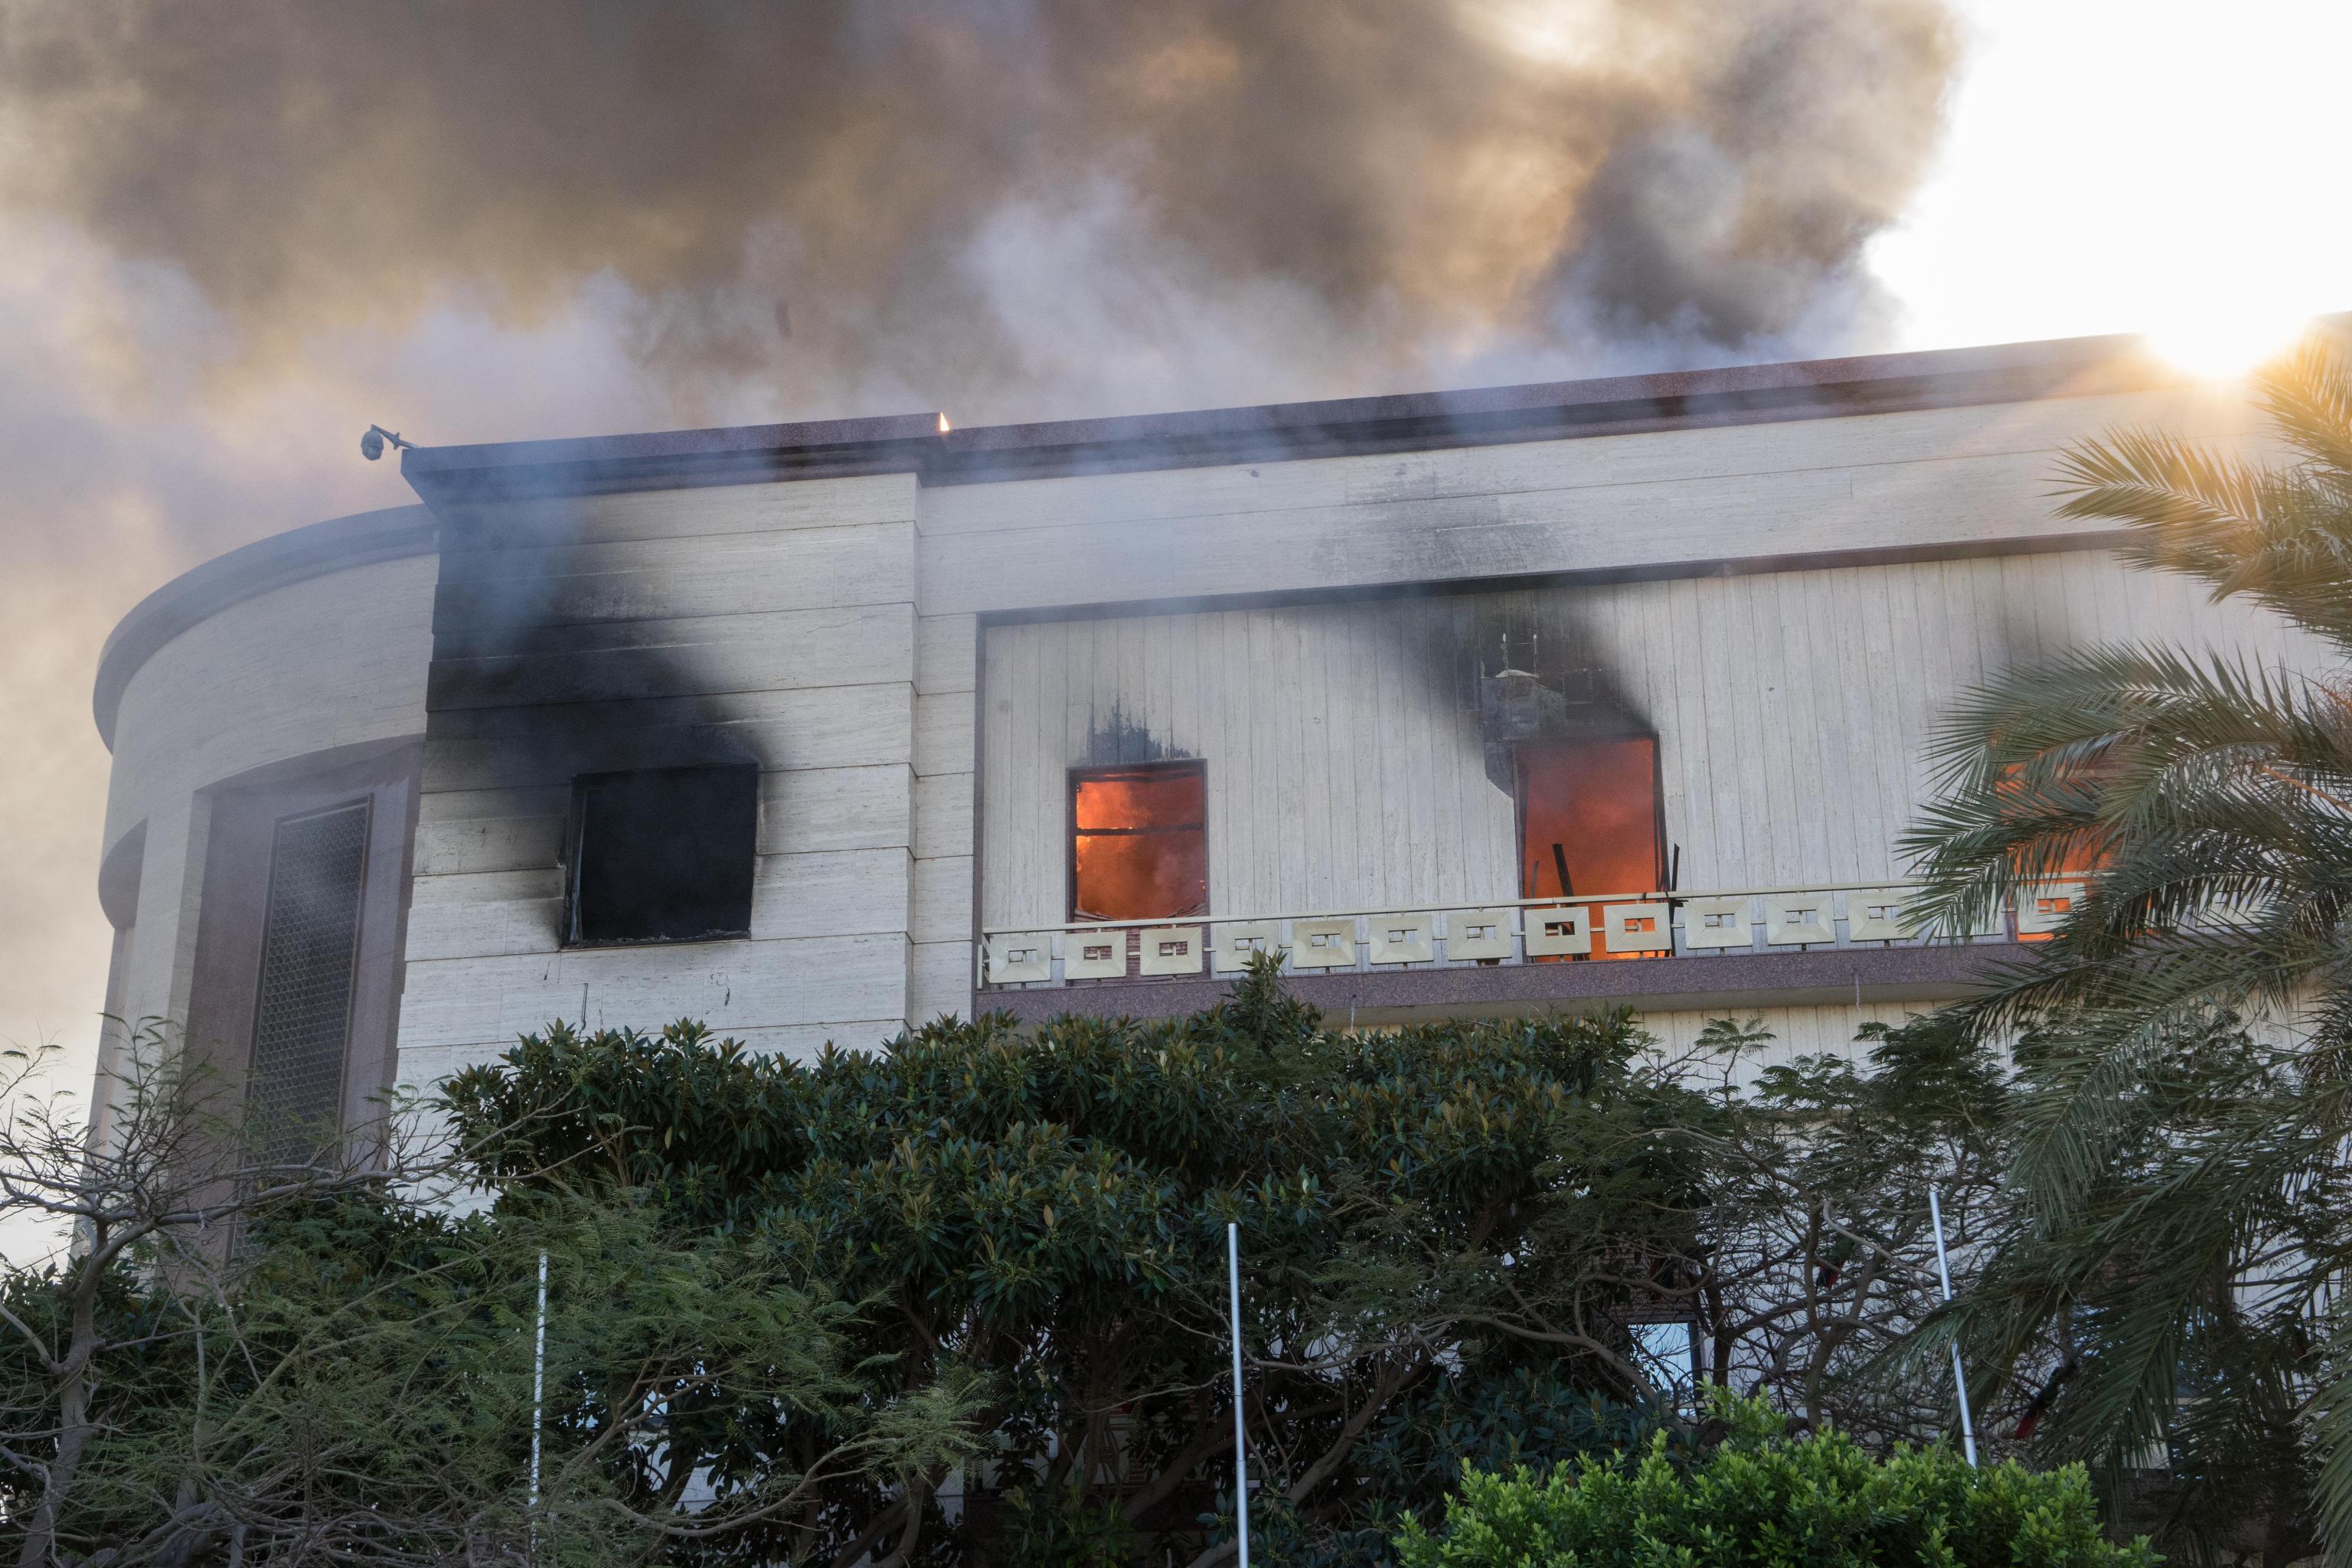 Attentato al ministero a Tripoli, l'Isis ha rivendicato l'attacco